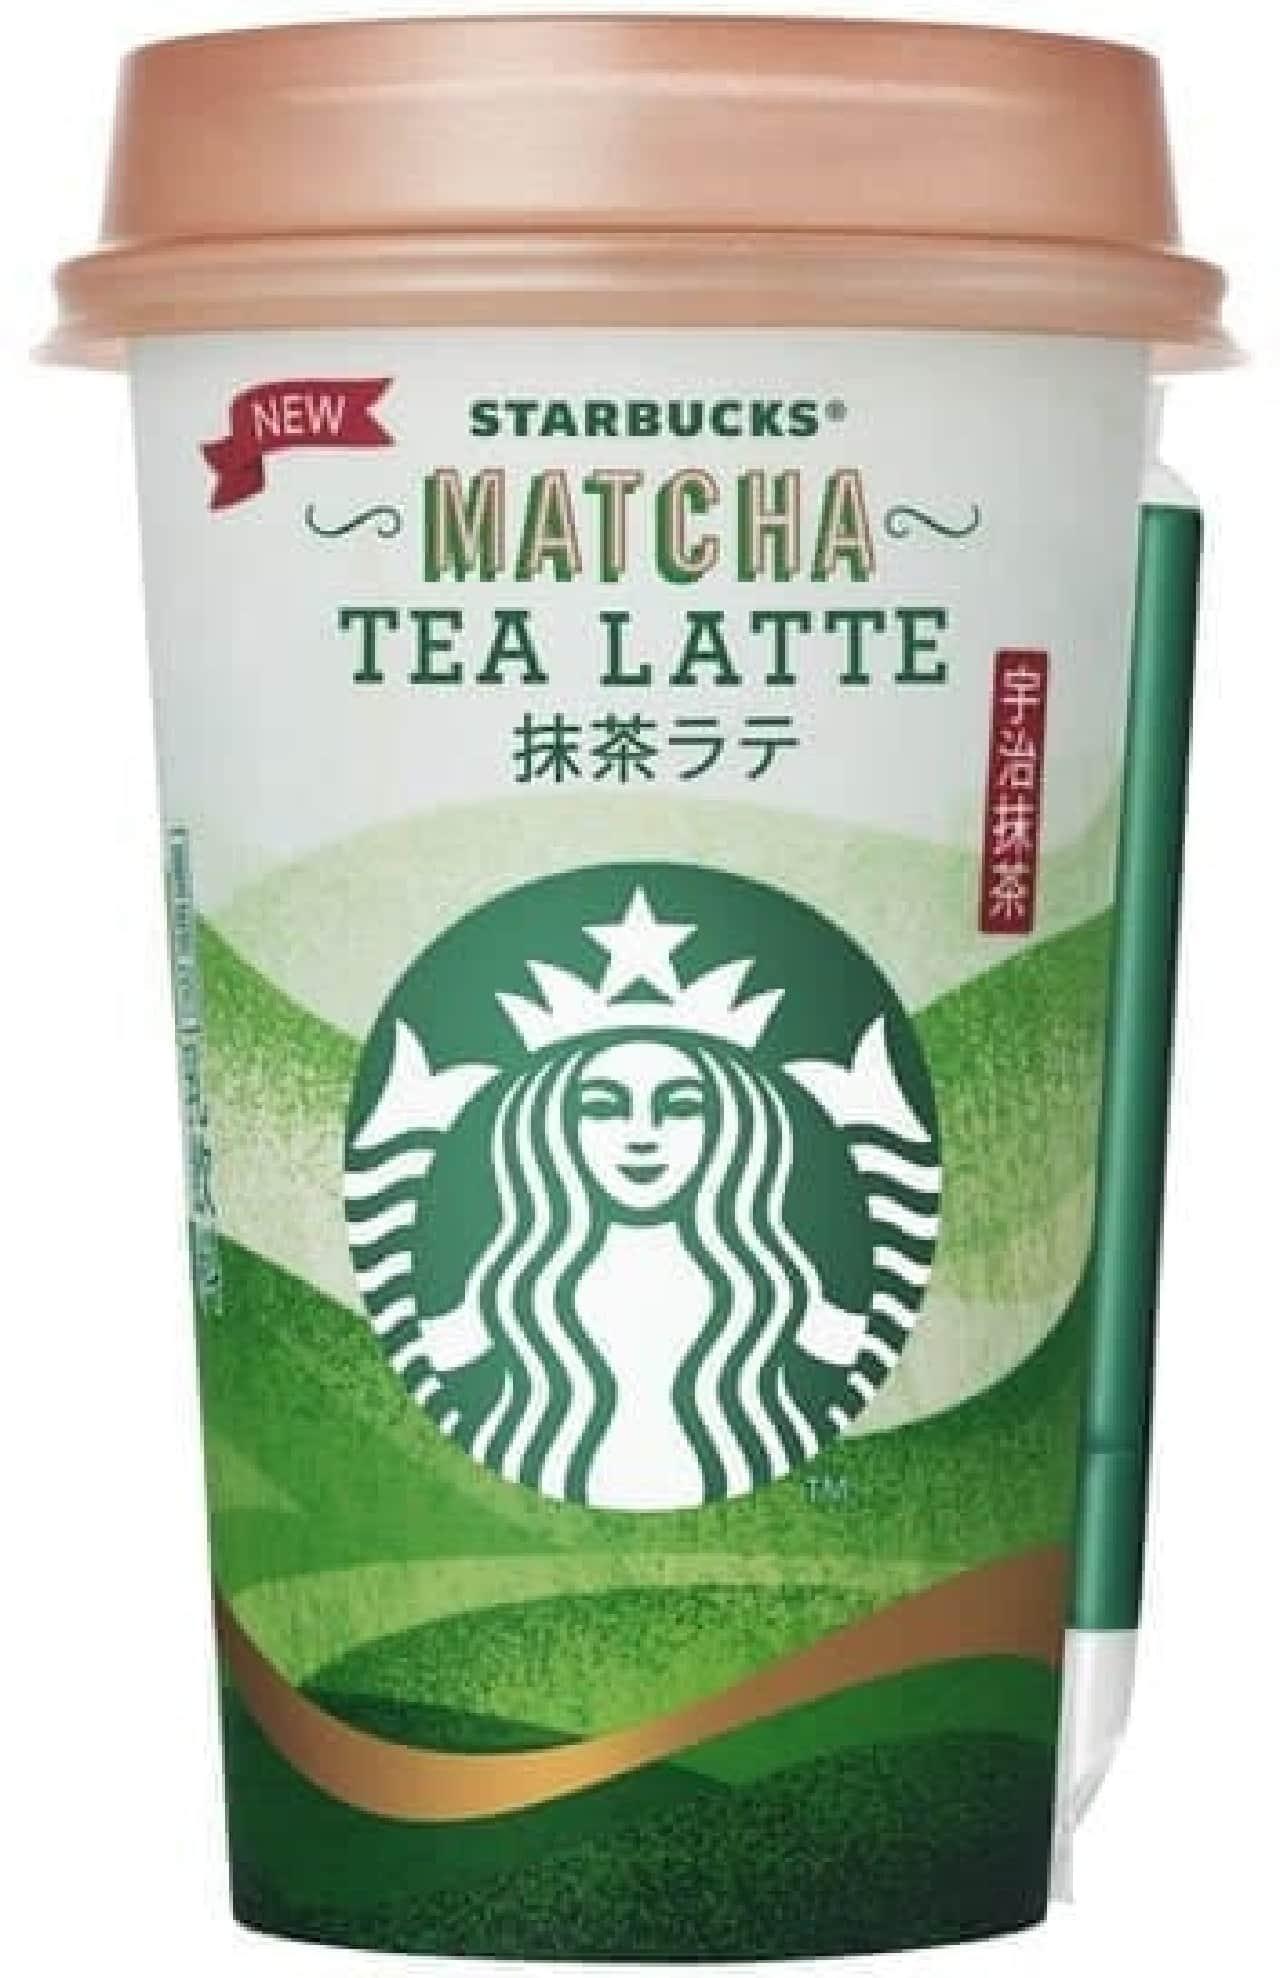 サントリー食品インターナショナル「スターバックス 抹茶ラテ」